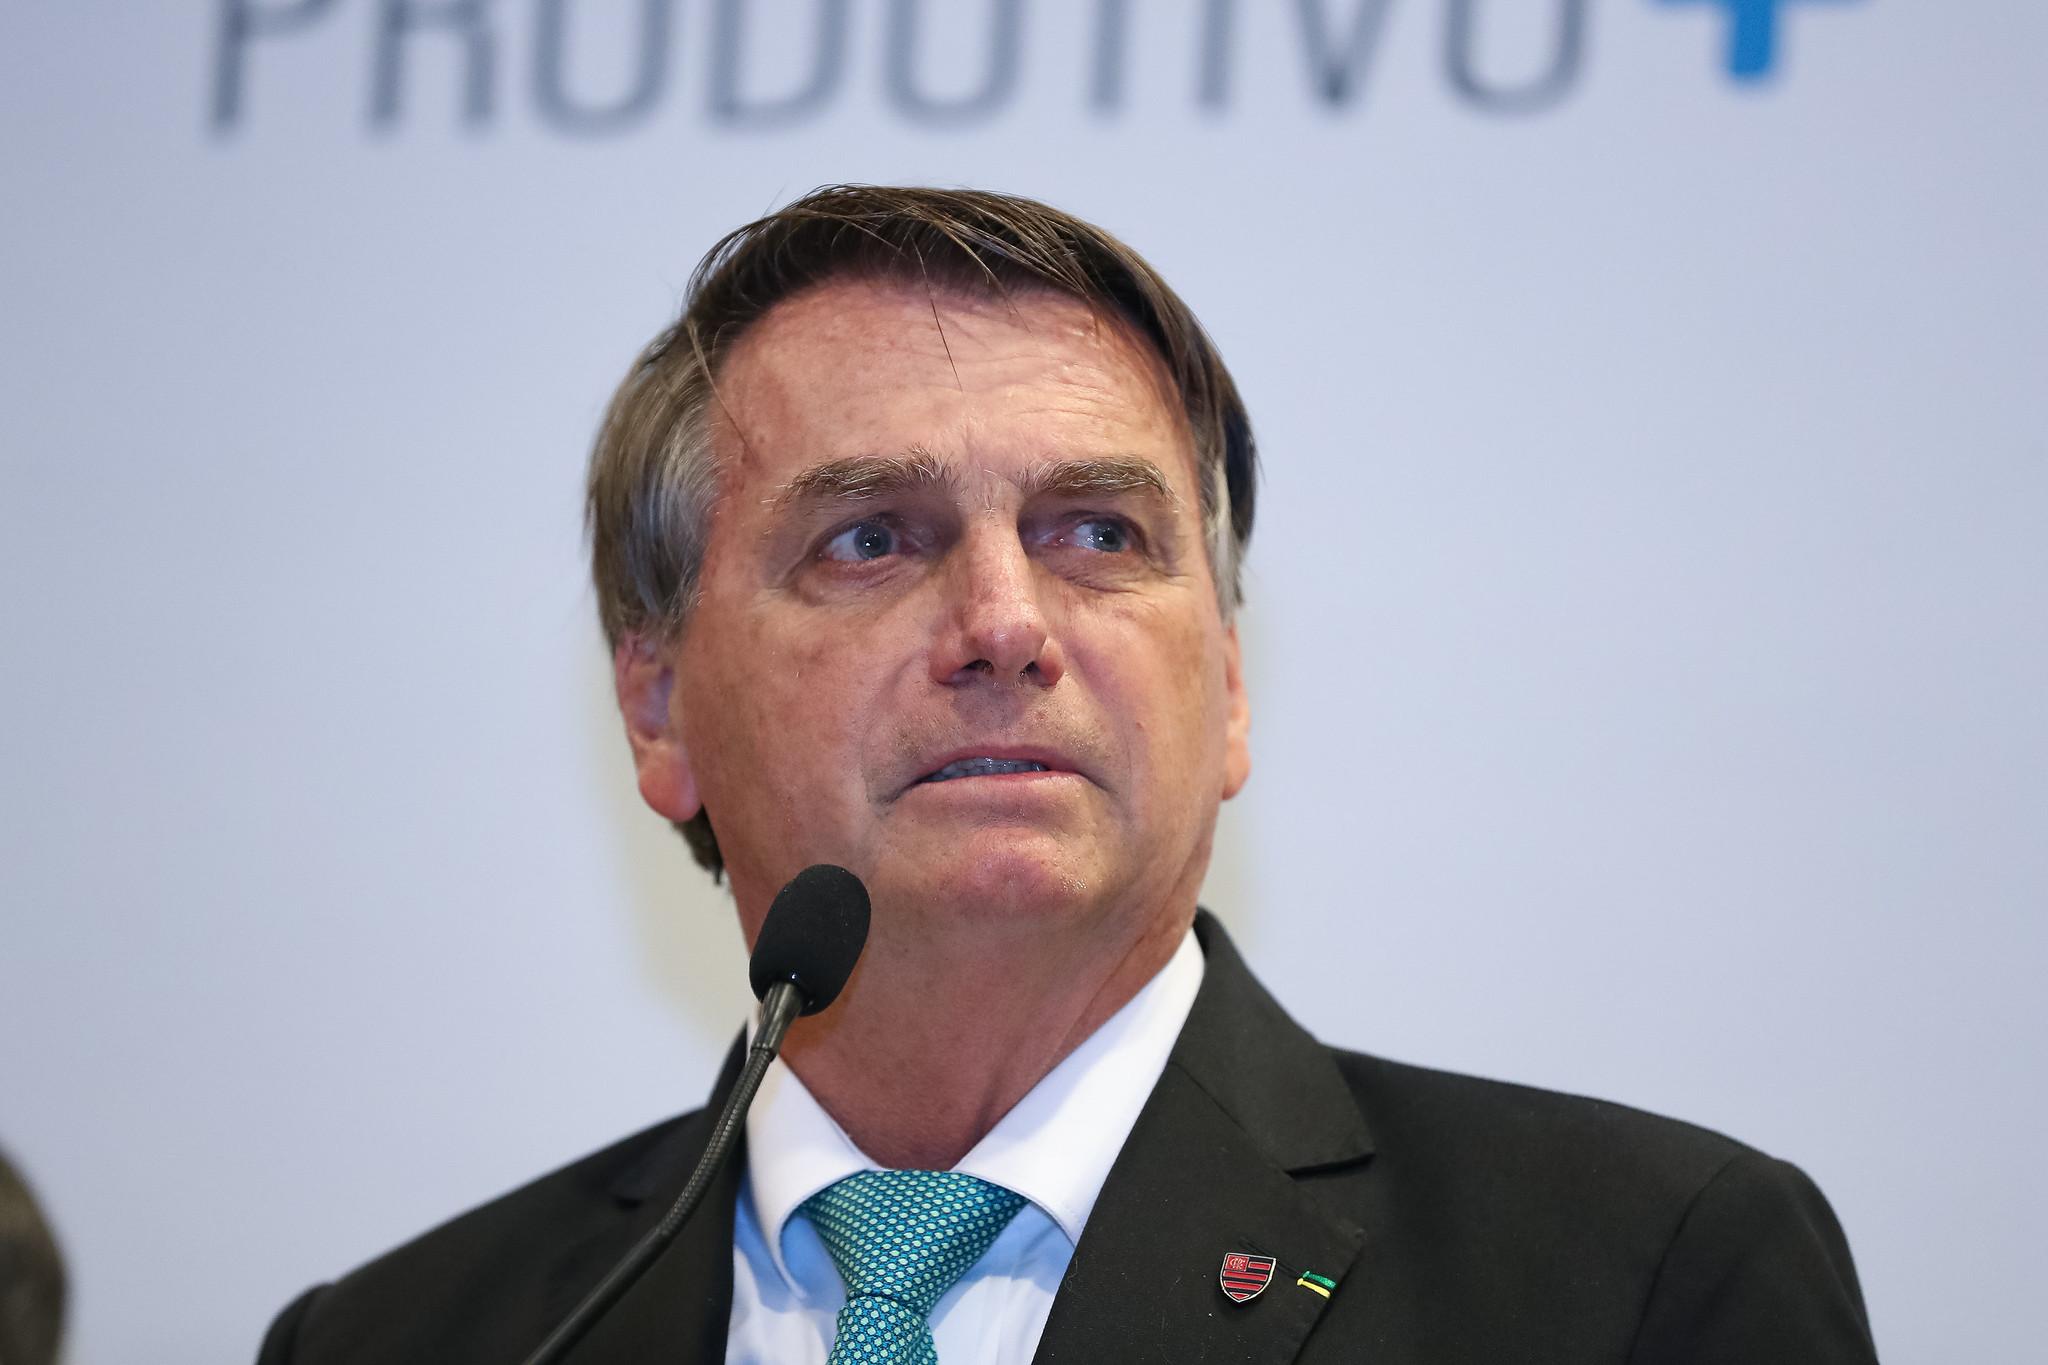 IMAGEM: 'Oxford encontrou fortes indícios de que ivermectina previne', mente Bolsonaro